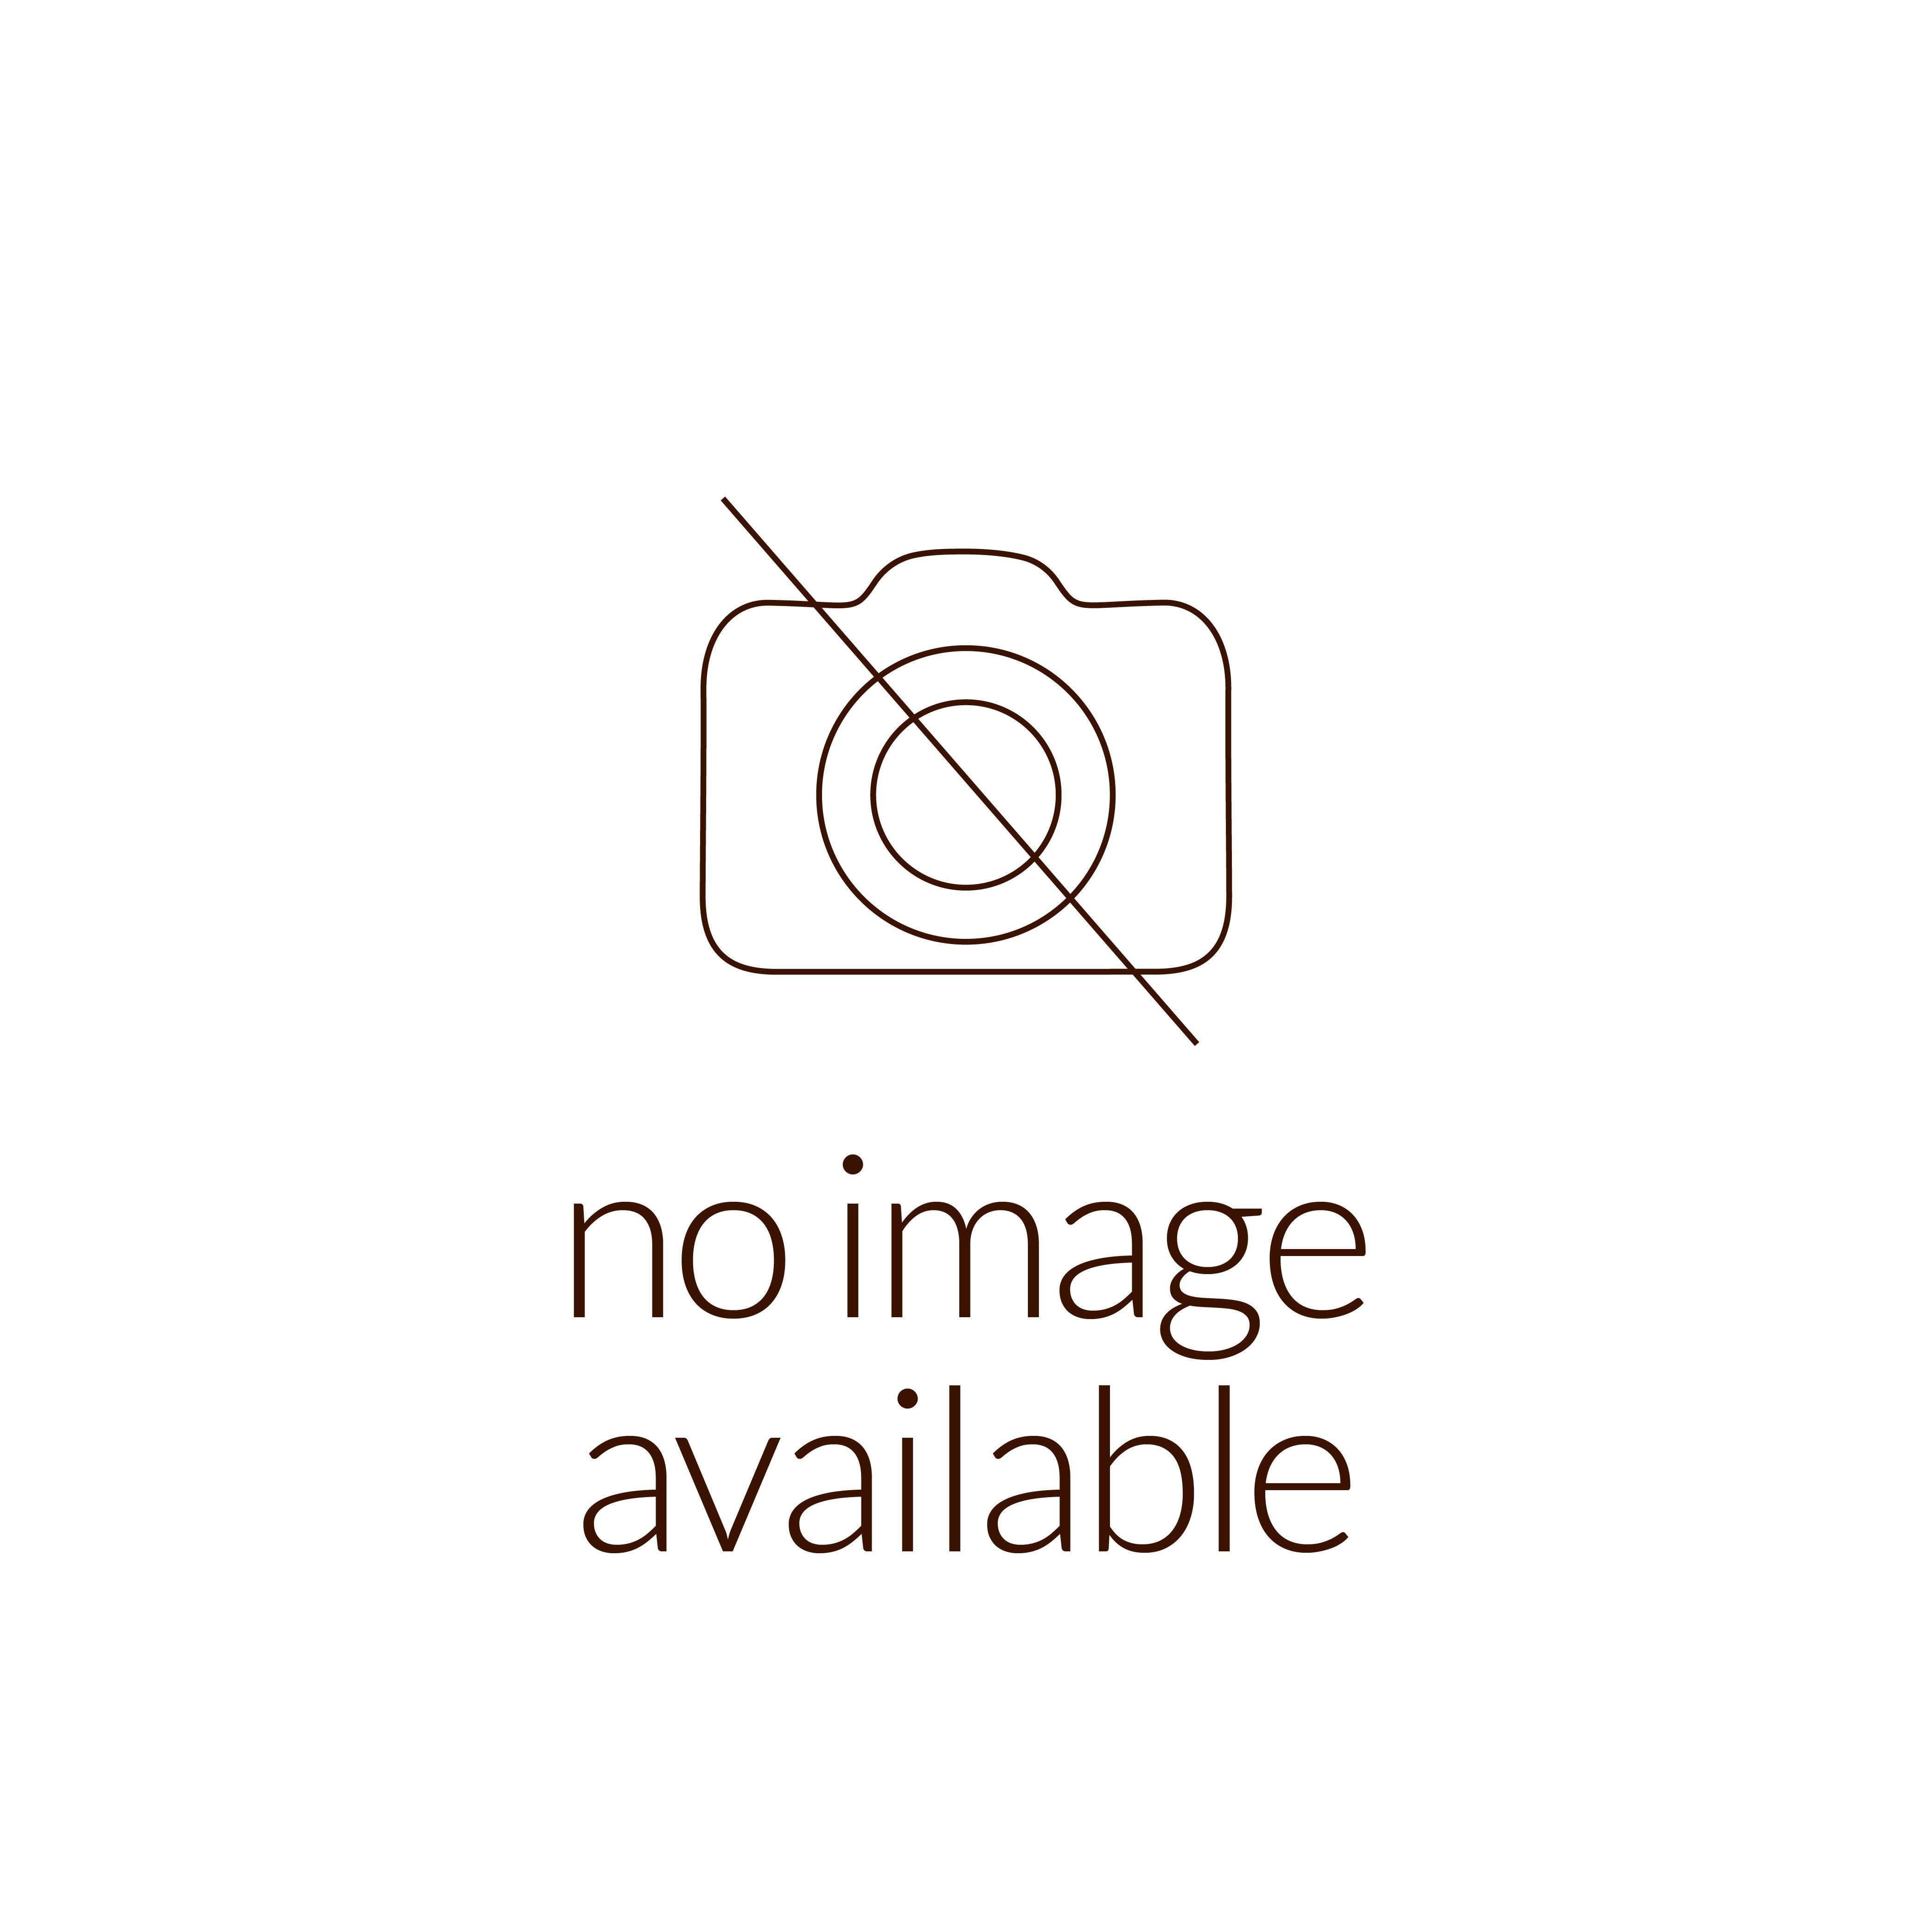 """מטבע זיכרון, הכנרת - אתרים בארץ הקודש, כסף קשוט, 30 מ""""מ, 14.4 גרם - צד הנושא"""